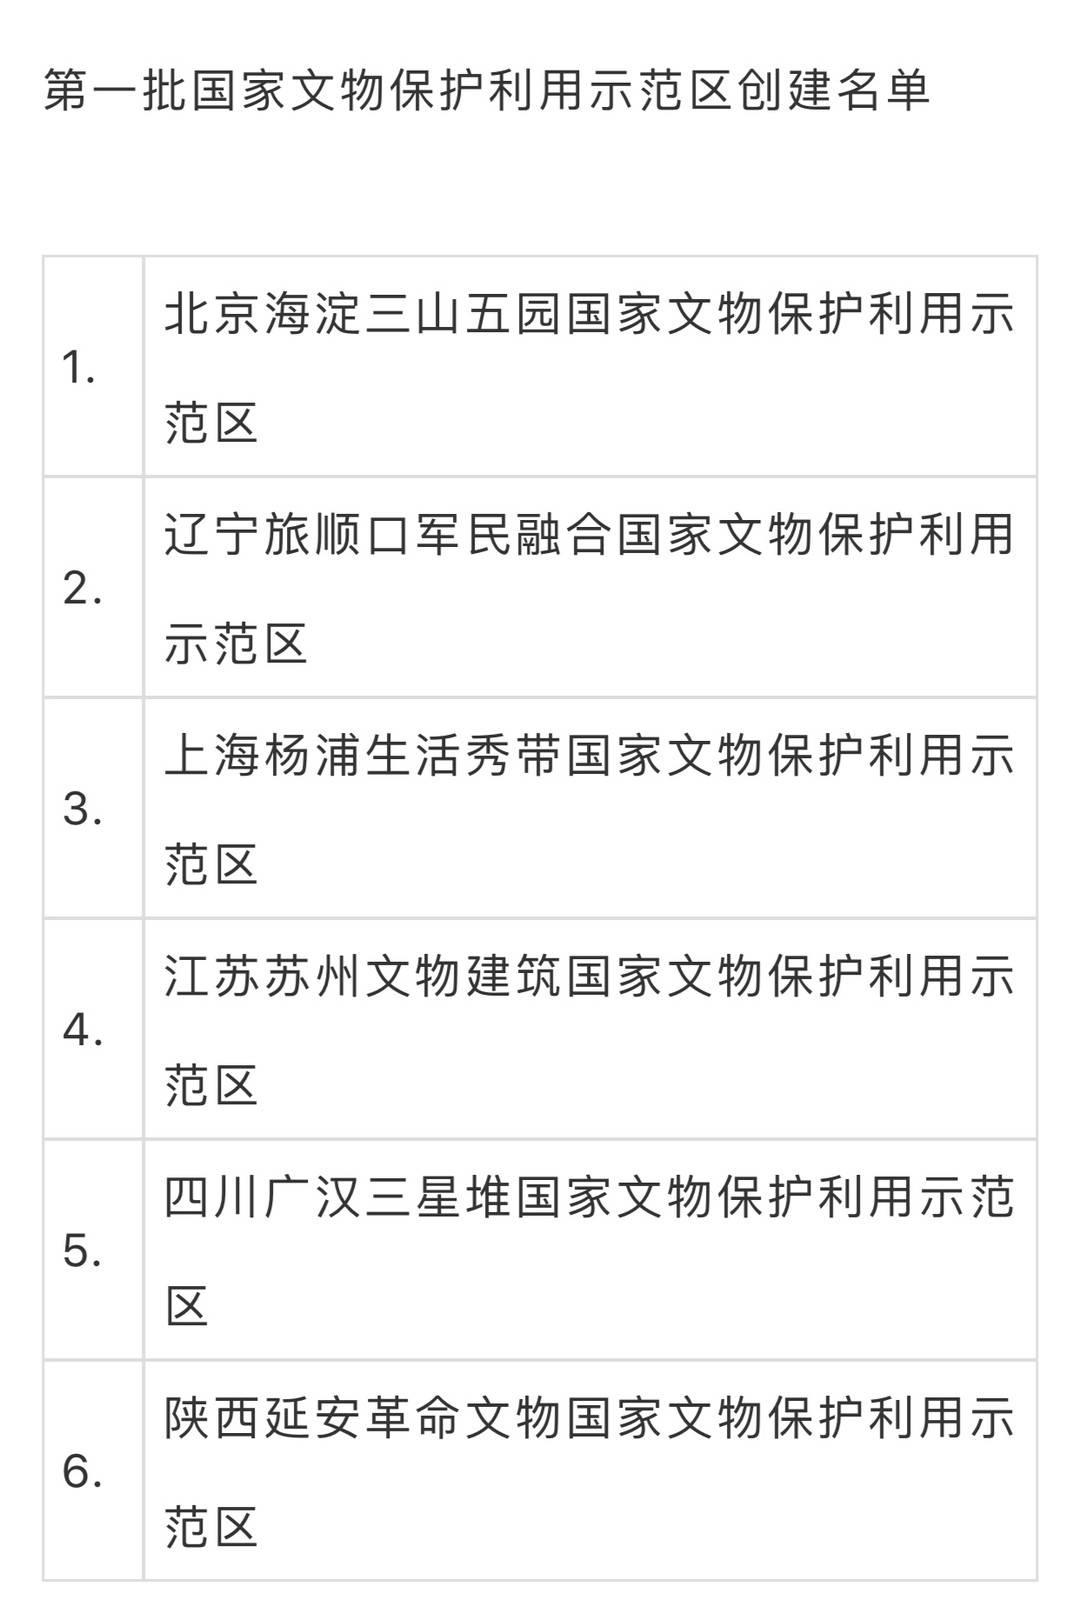 广汉三星堆入选第一批国家文物保护利用示范区创建名单